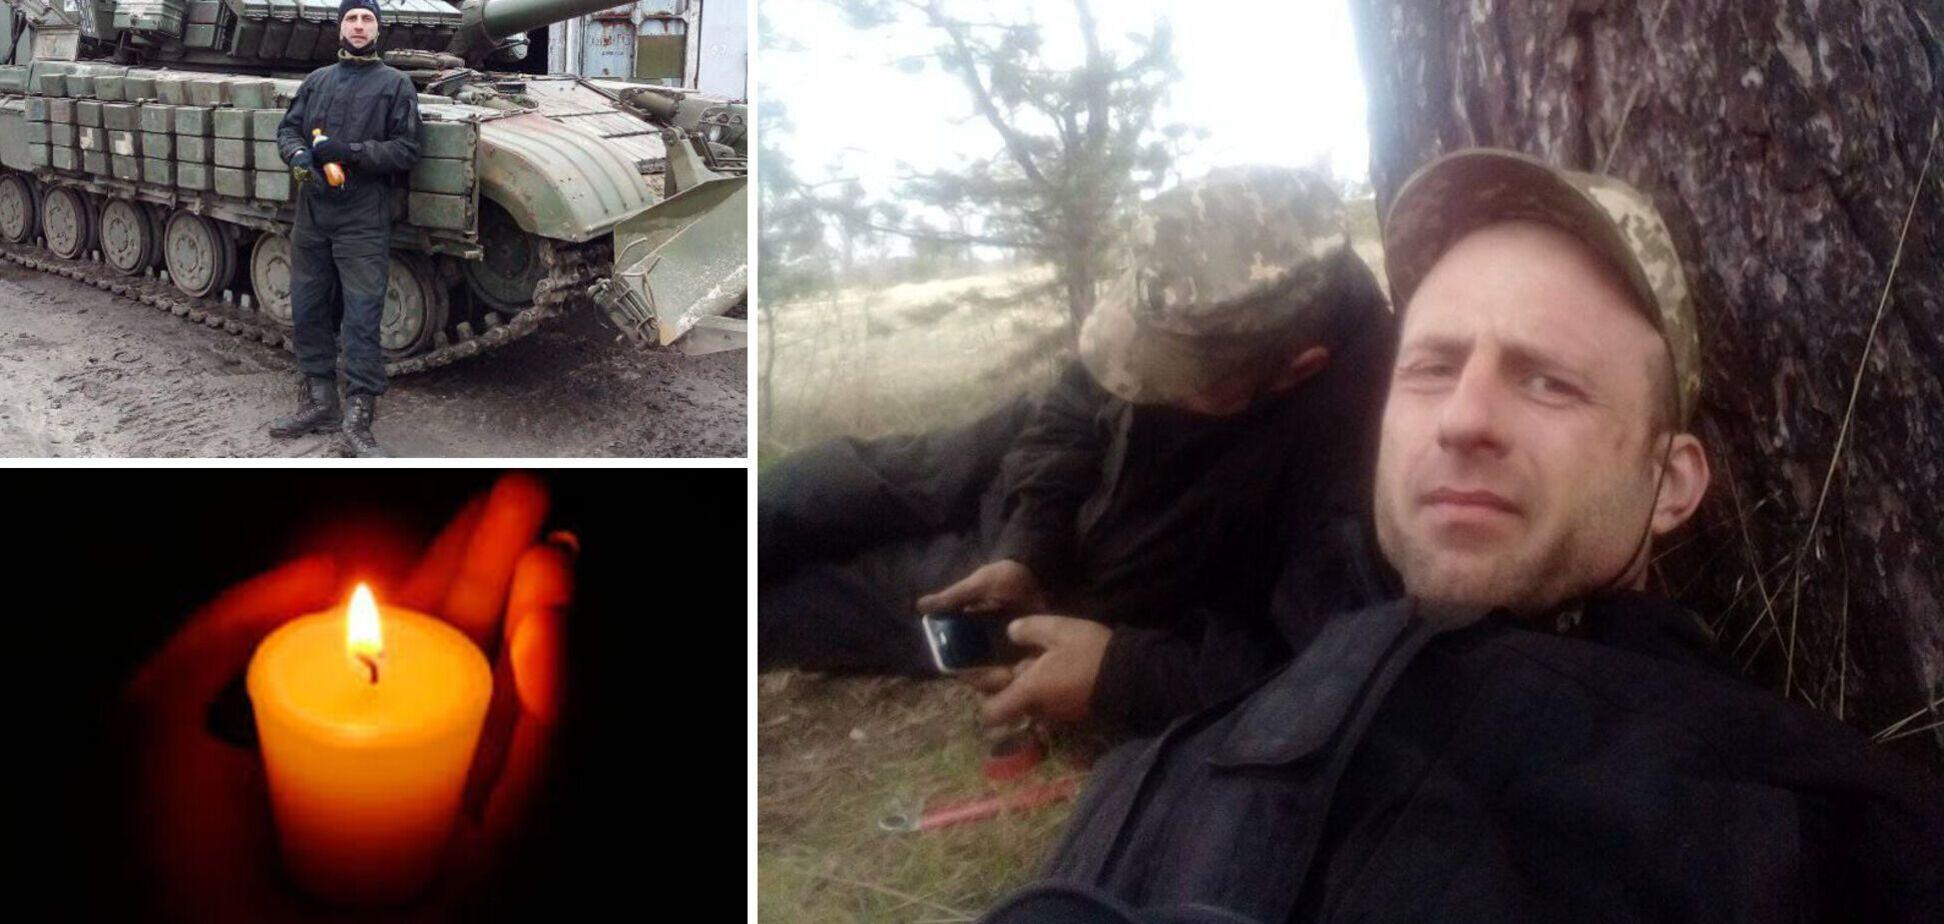 На Донбассе убили еще одного защитника Украины, перед смертью он просил прощения у жены: подробности